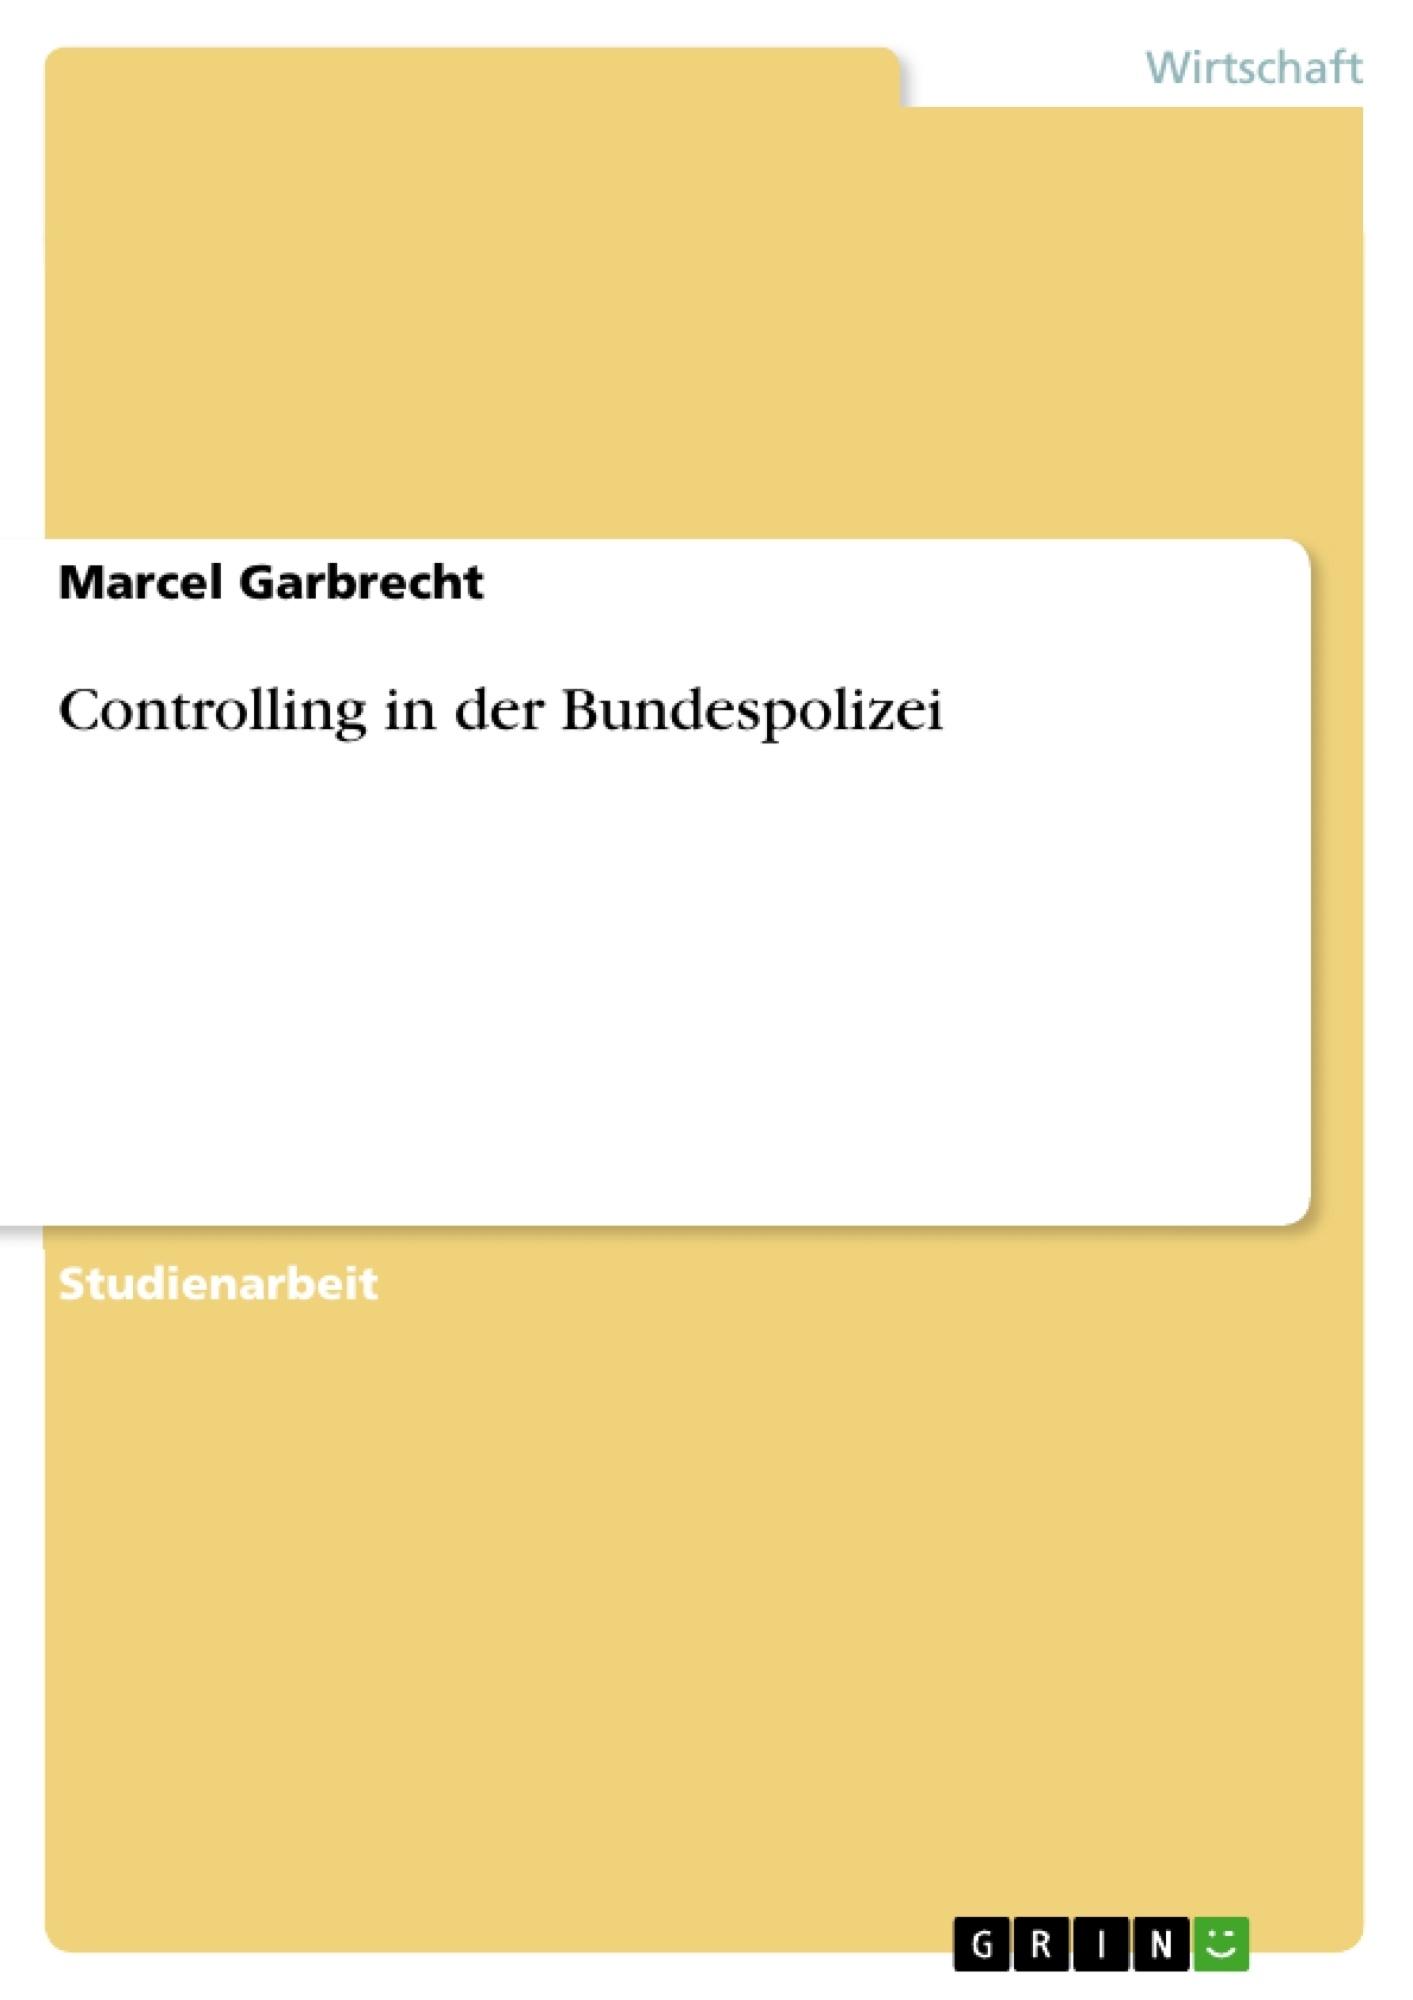 Titel: Controlling in der Bundespolizei